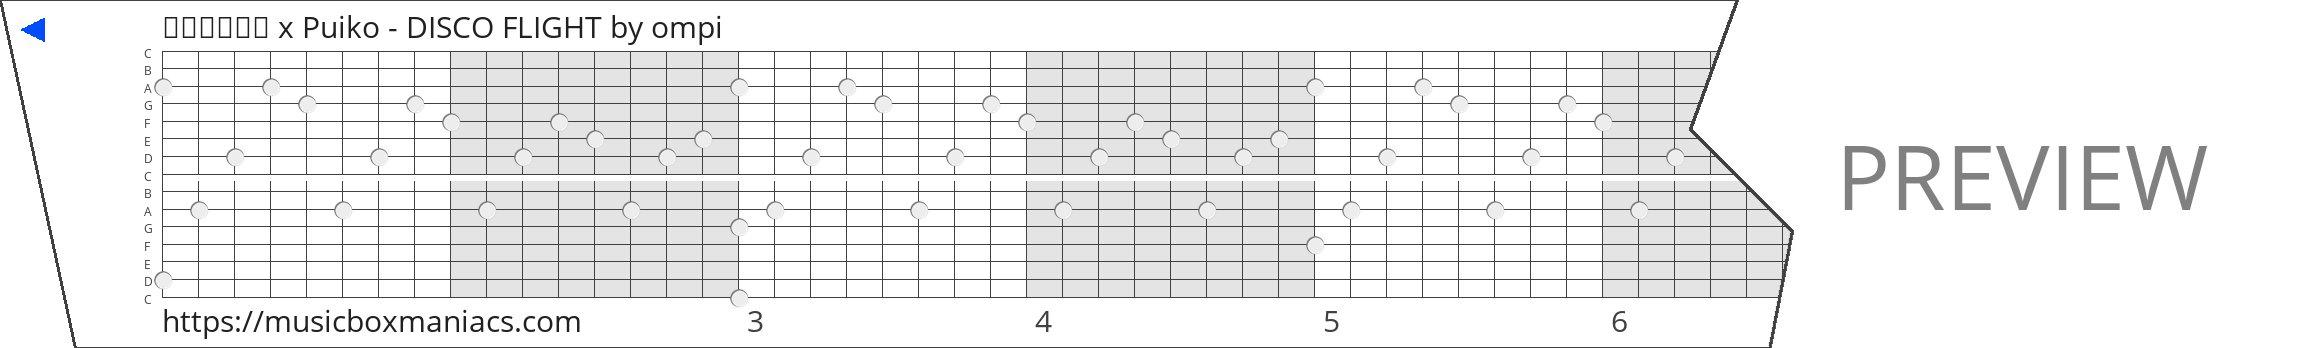 凛として時雨 x Puiko - DISCO FLIGHT 15 note music box paper strip